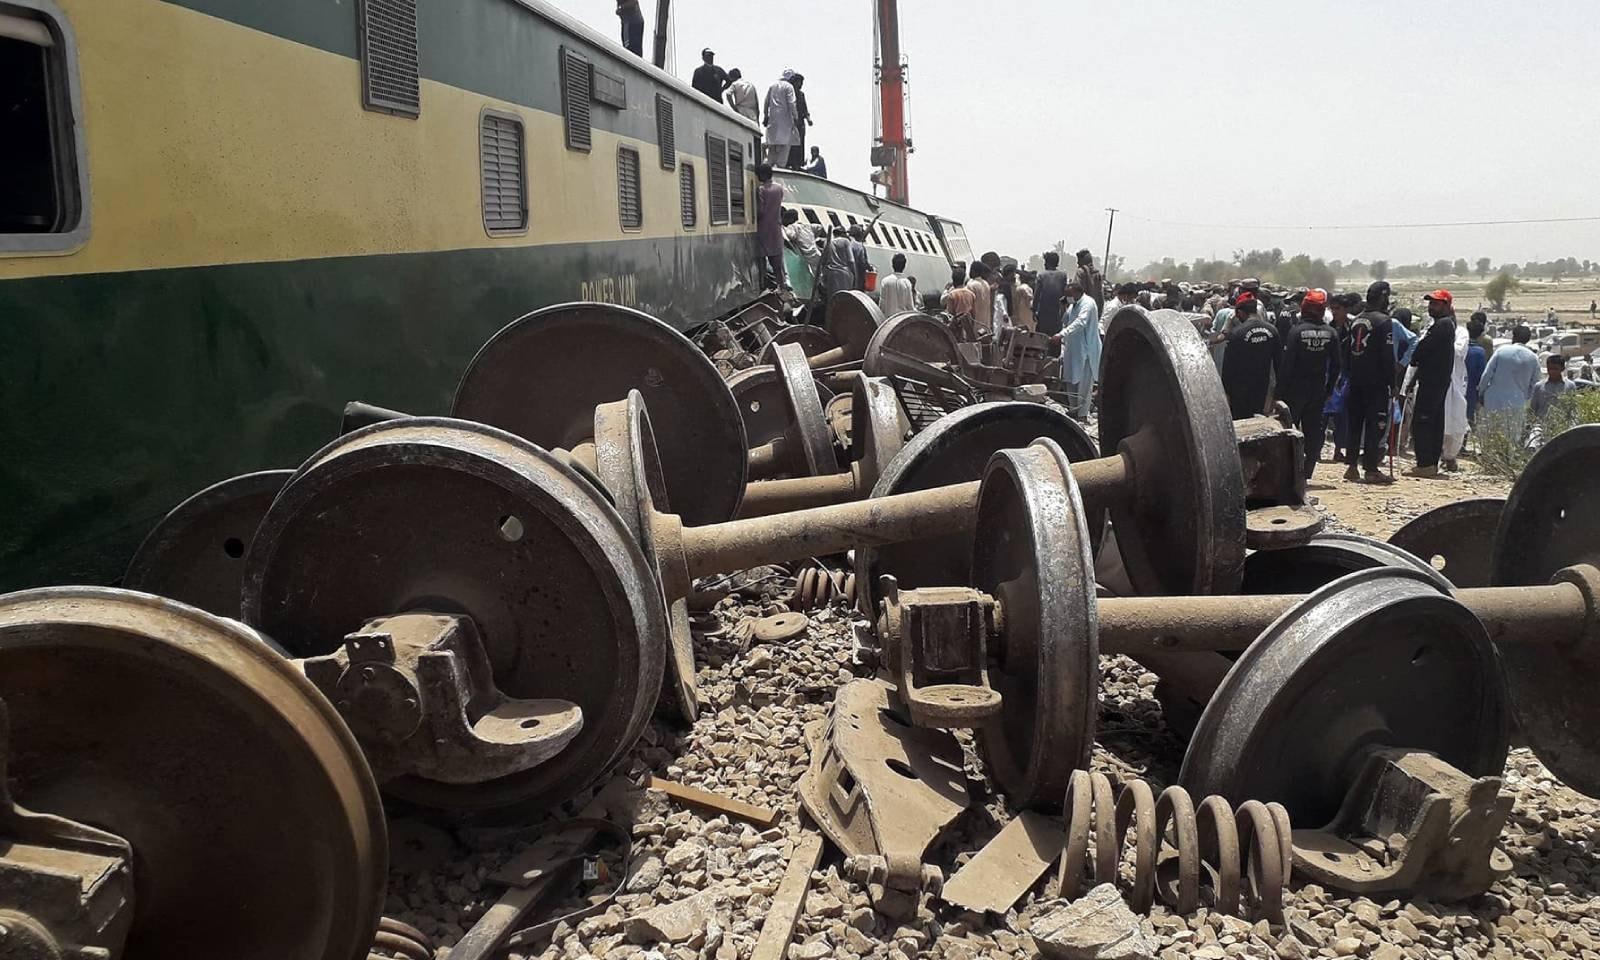 سیکیورٹی اہلکار پیر کی شب کو پیش آنے والے ٹرین حادثے  کا جائزہ لے رہے ہیں—فوٹو: اے ایف پی